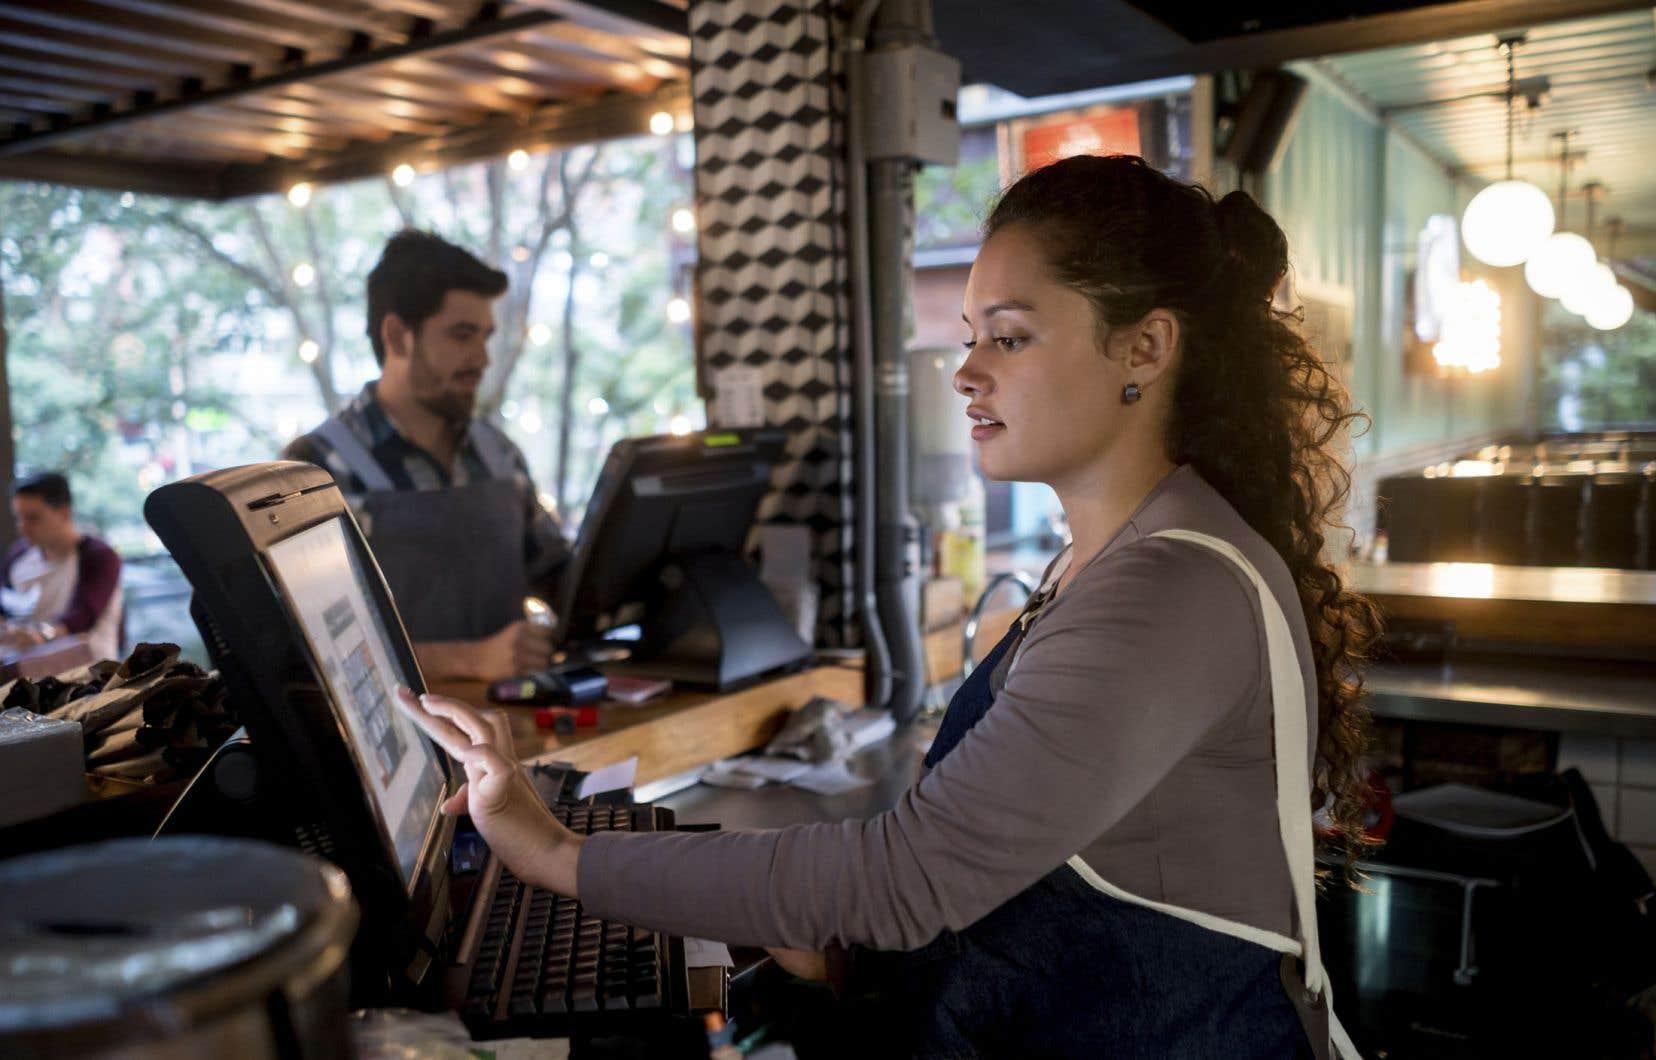 «Majoritairement des femmes, les personnes qui travaillent à bas salaires (...) doivent tout autant pouvoir accéder à de meilleures conditions de travail», affirment les auteurs.